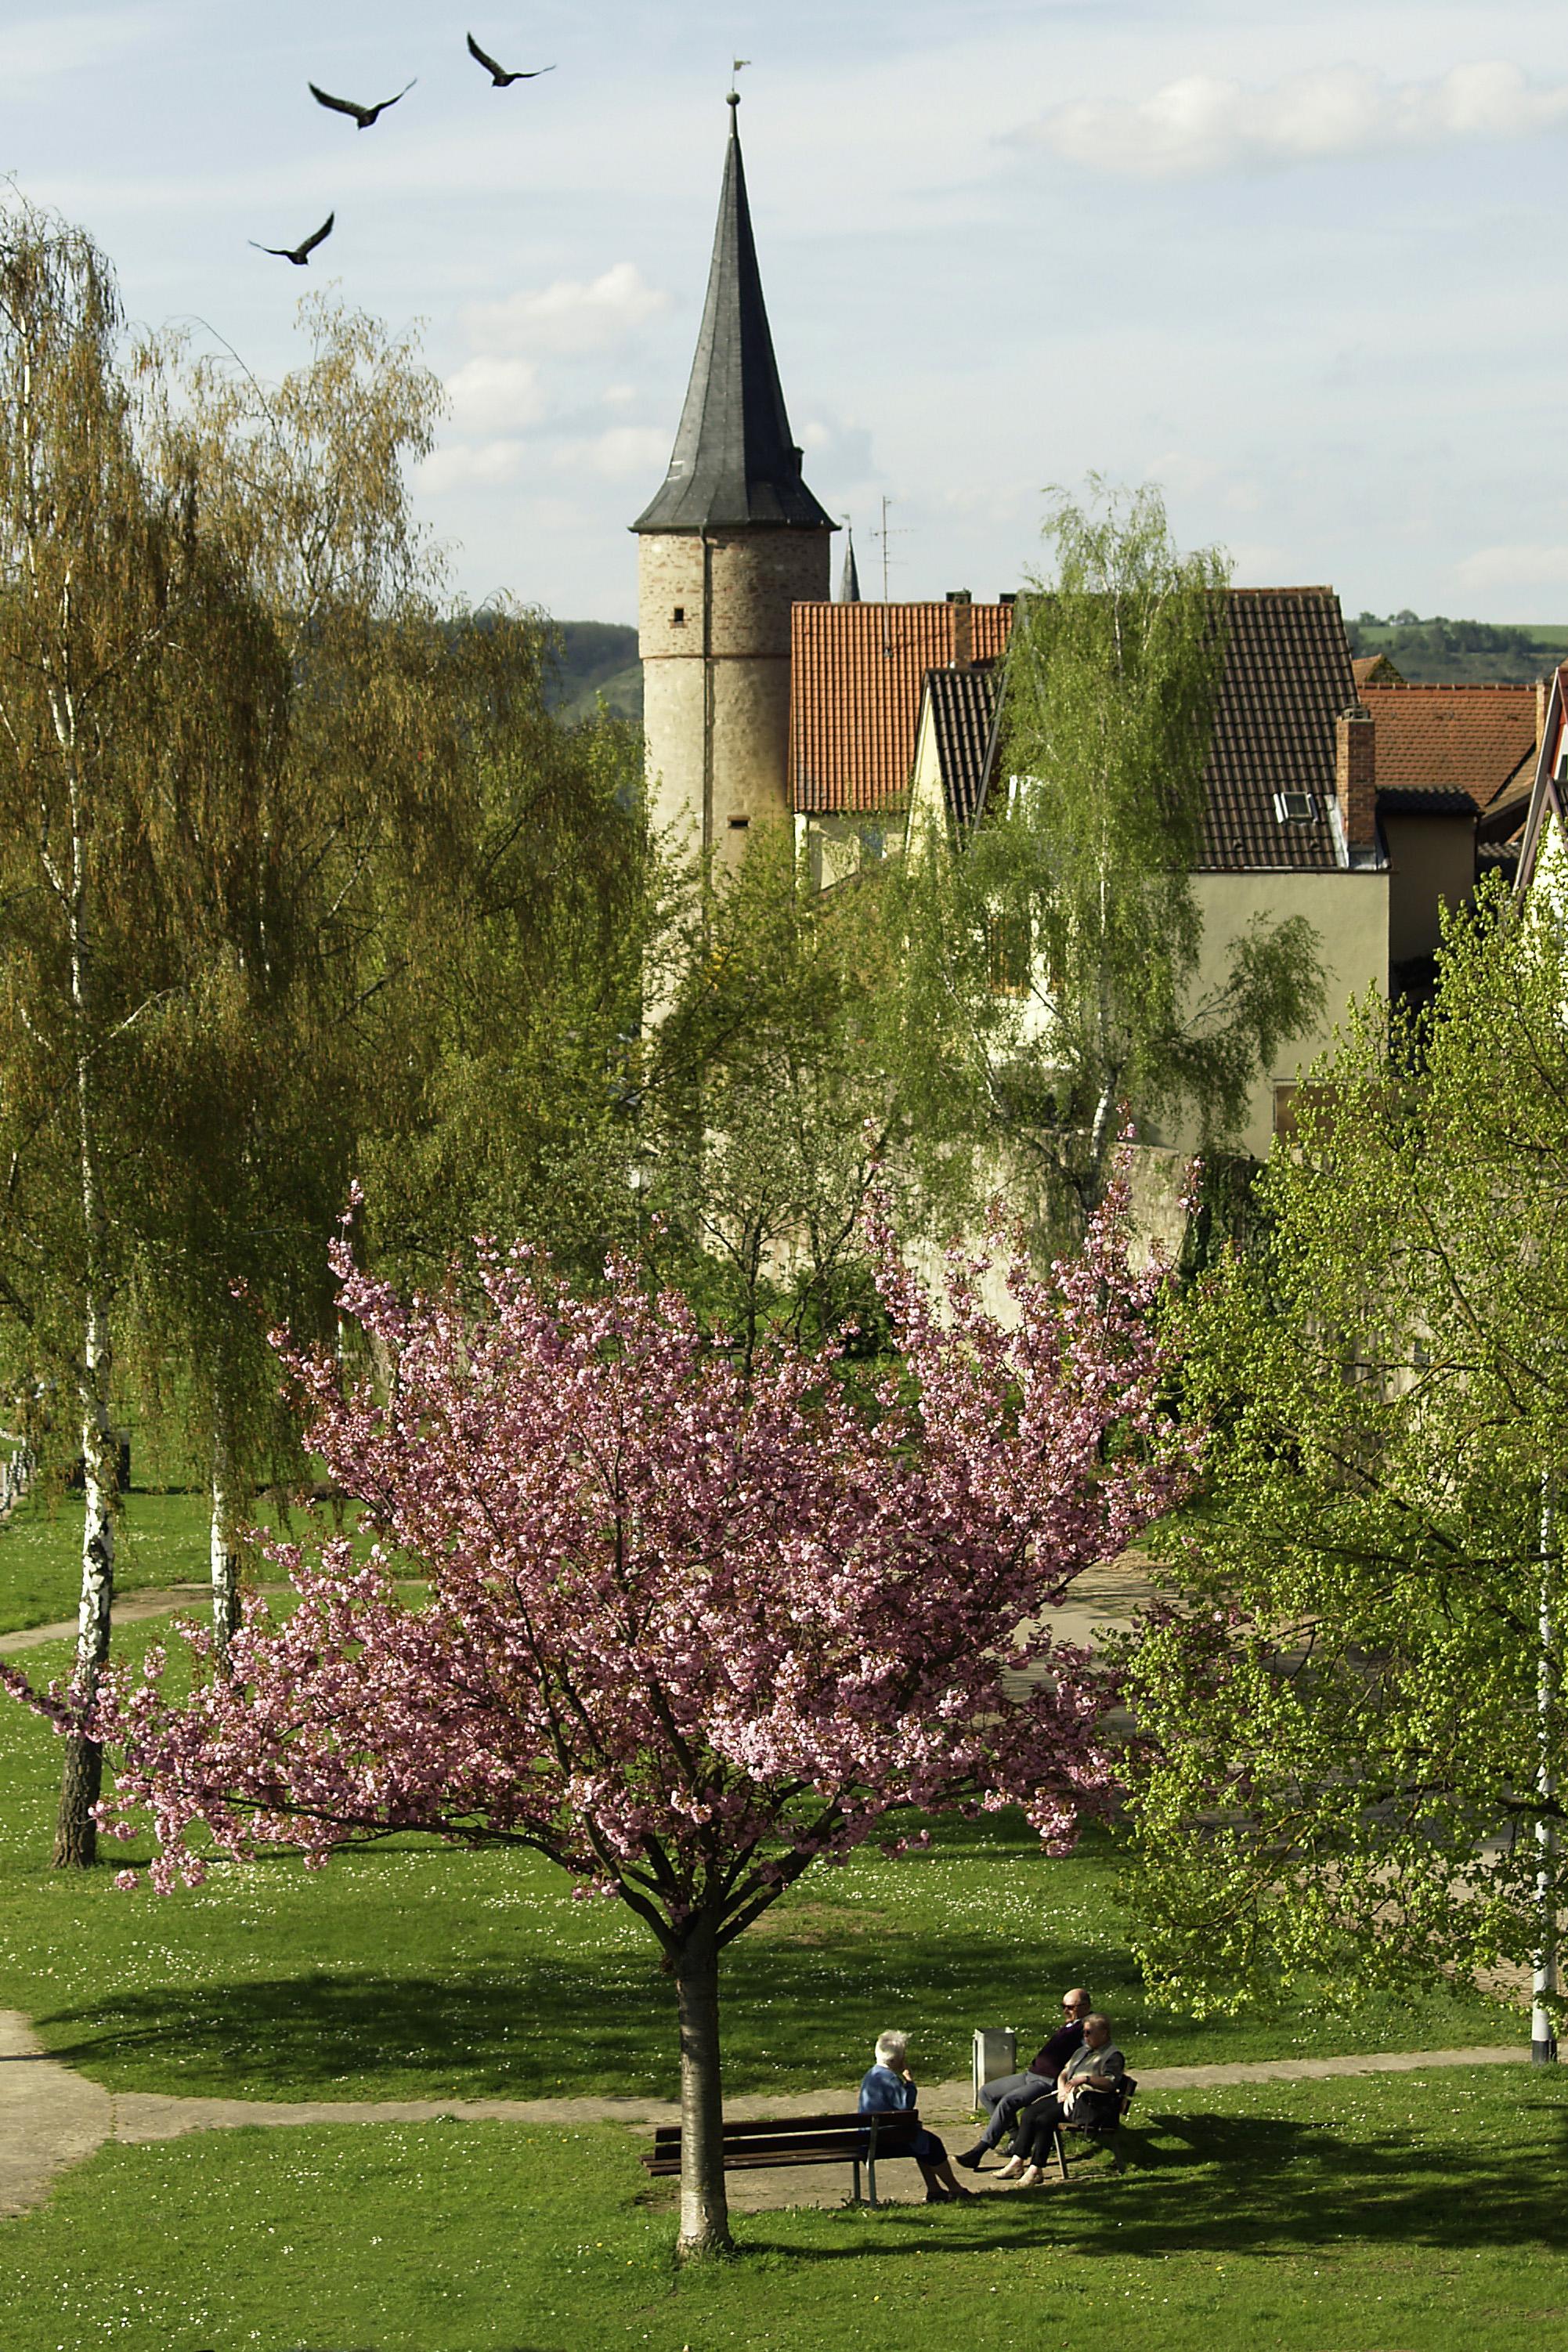 Es grünt und blüht: Frühlingsstimmung in Karlstadt.